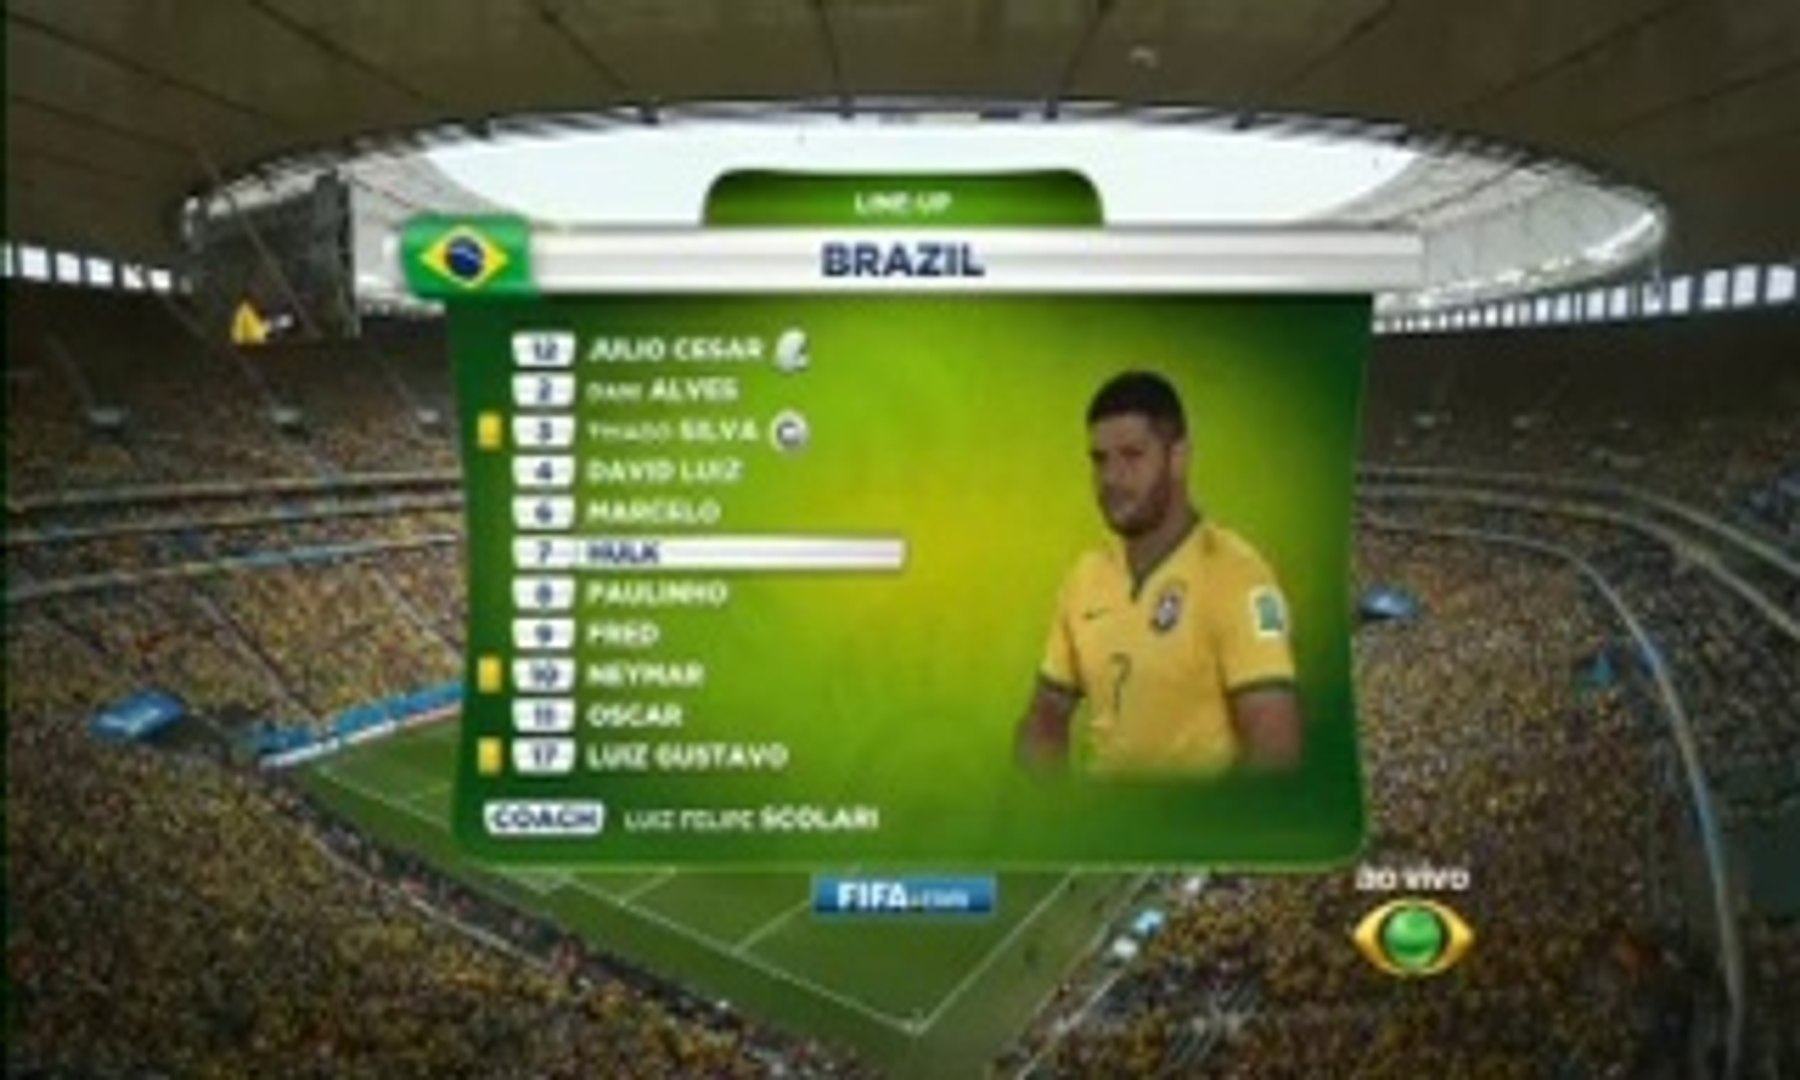 Seleção Brasileira BAND 2014-06-23 16h58m46s